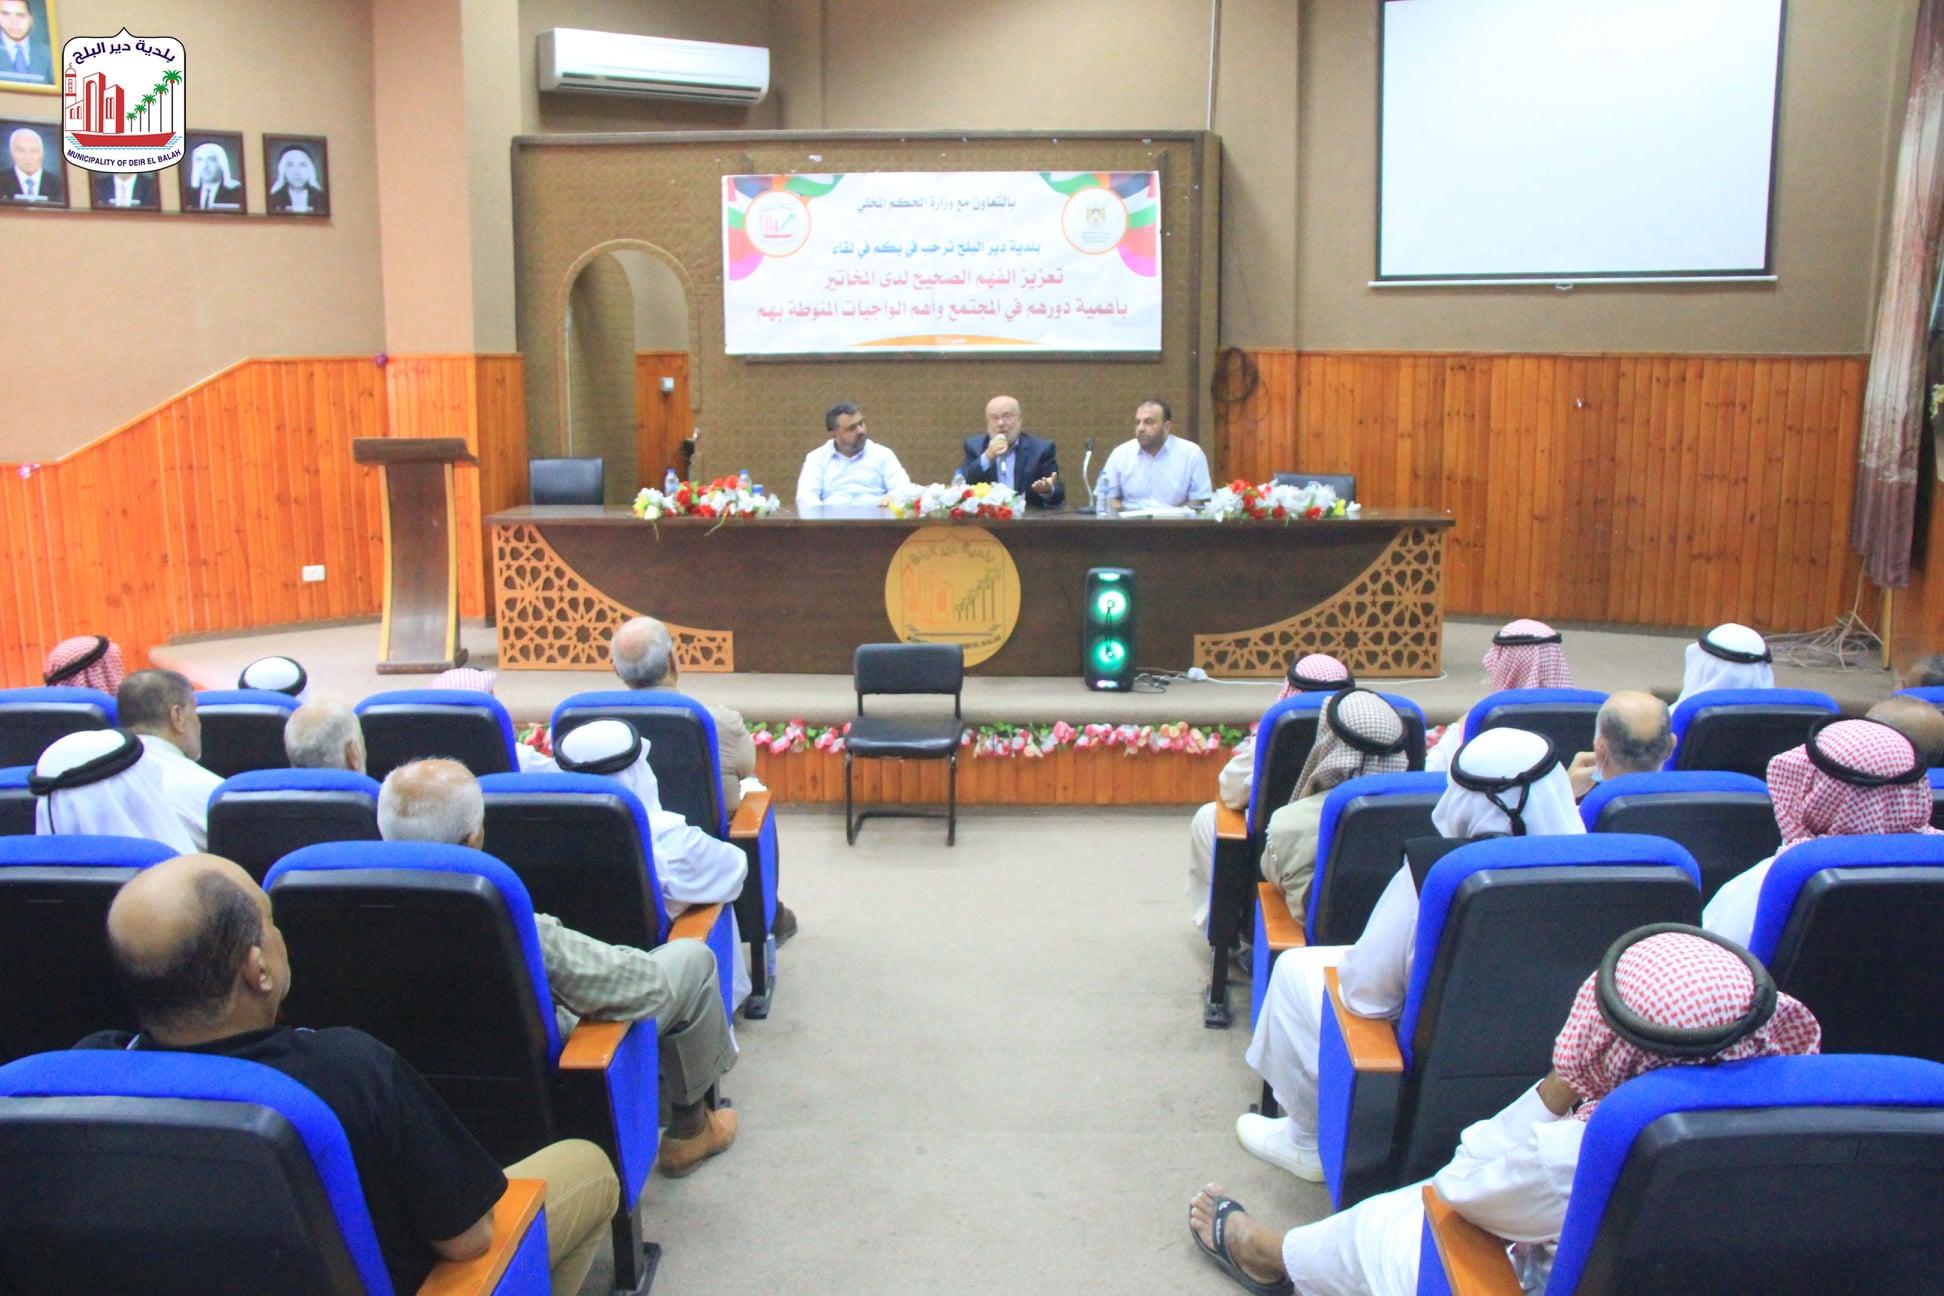 بالتعاون مع بلدية دير البلح: الحكم المحلي تختتم اللقاءات التثقيفية للمخاتير ورجال الاصلاح بالمحافظة